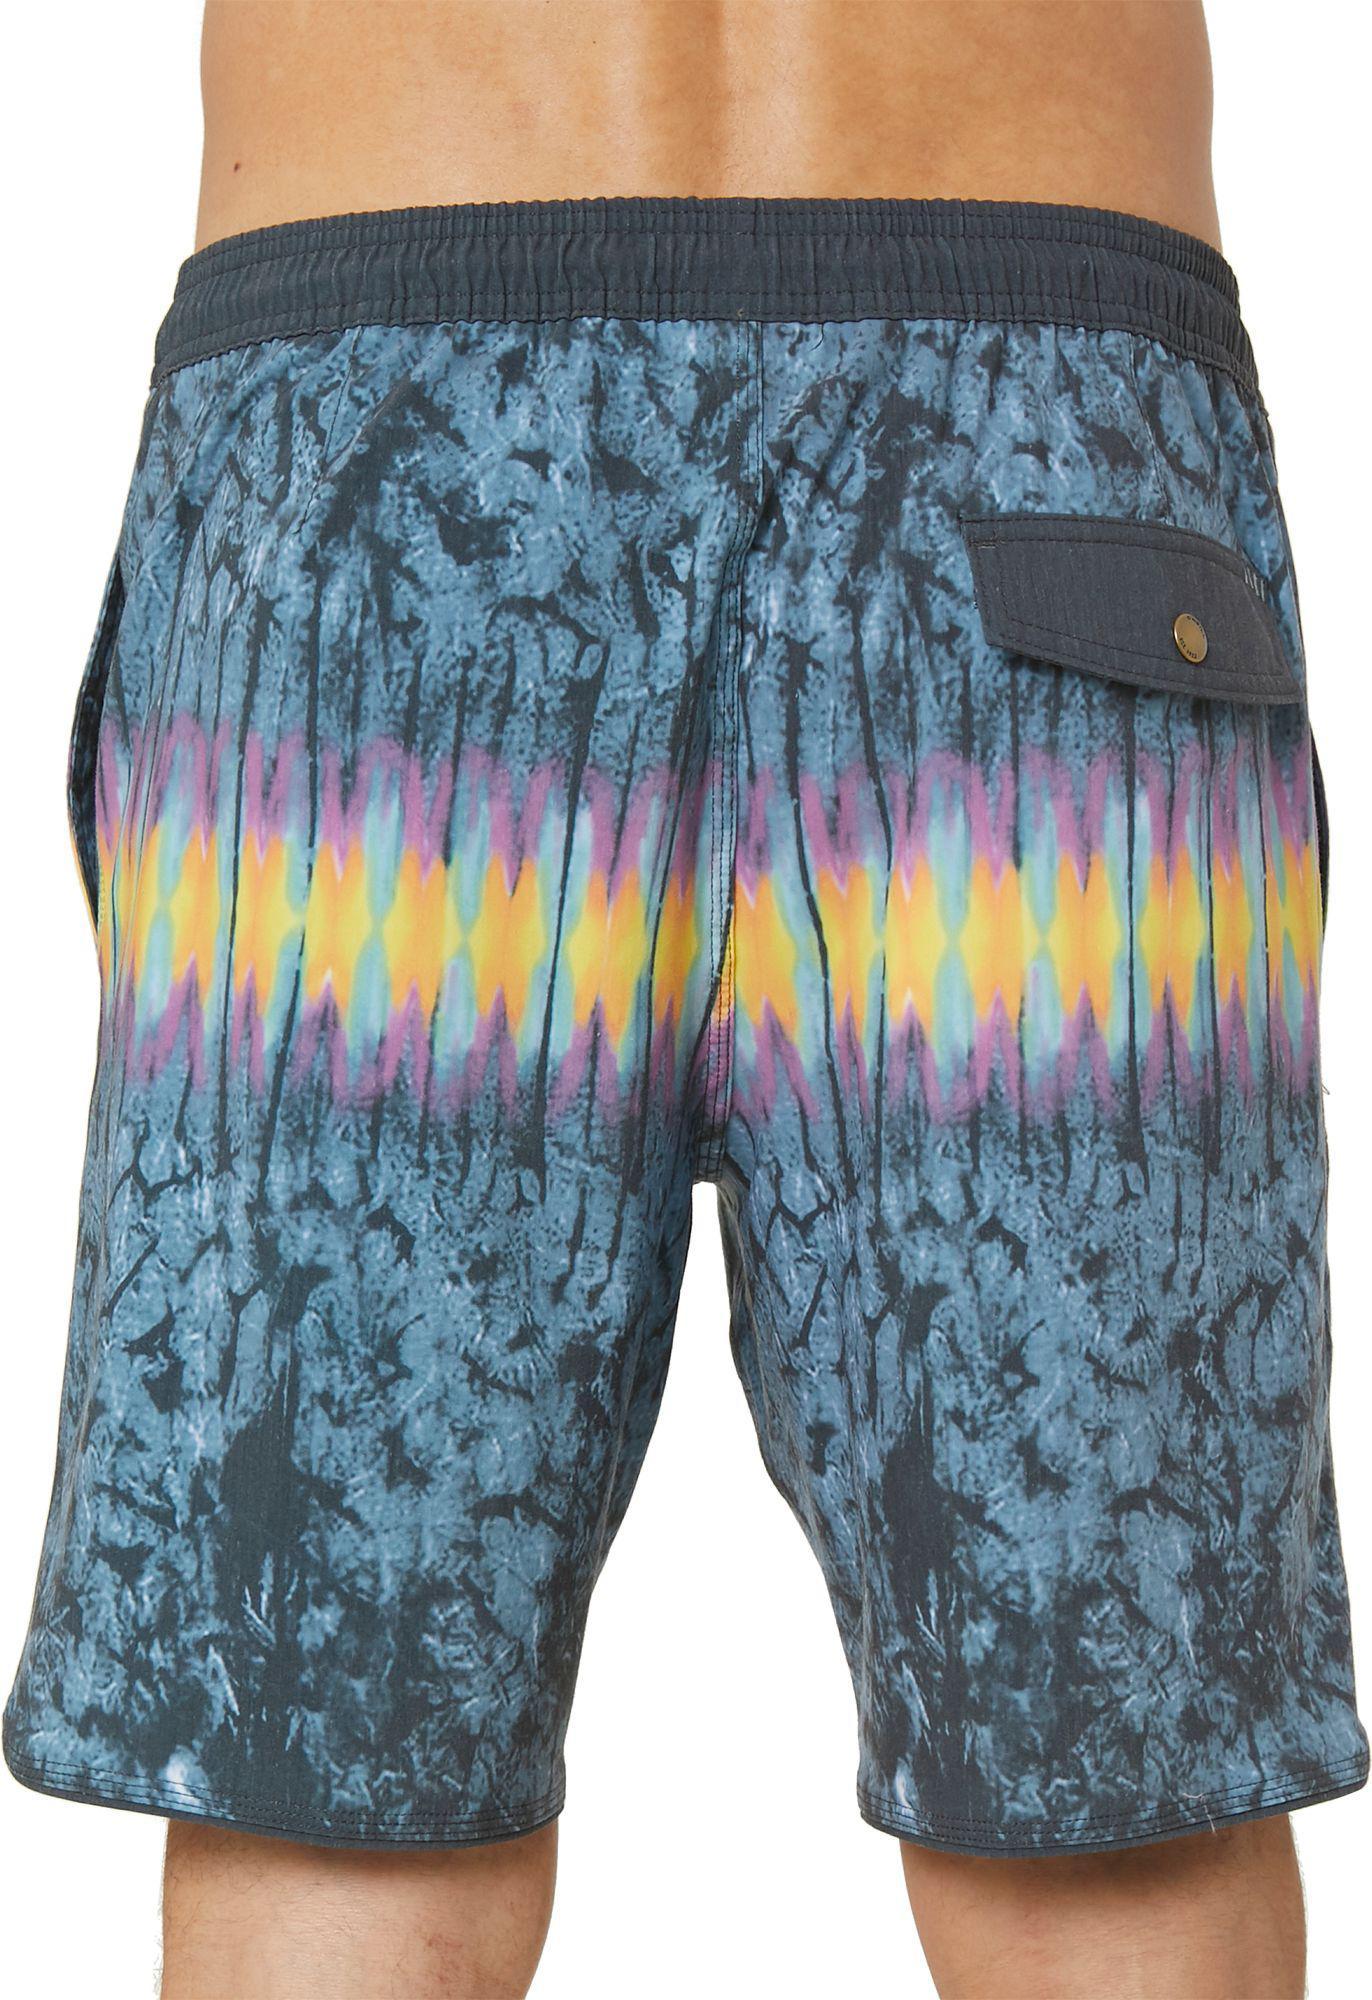 61bb661a9f8dd Lyst - O'neill Sportswear Hodge Podge Volley Cruzer Board Shorts in ...